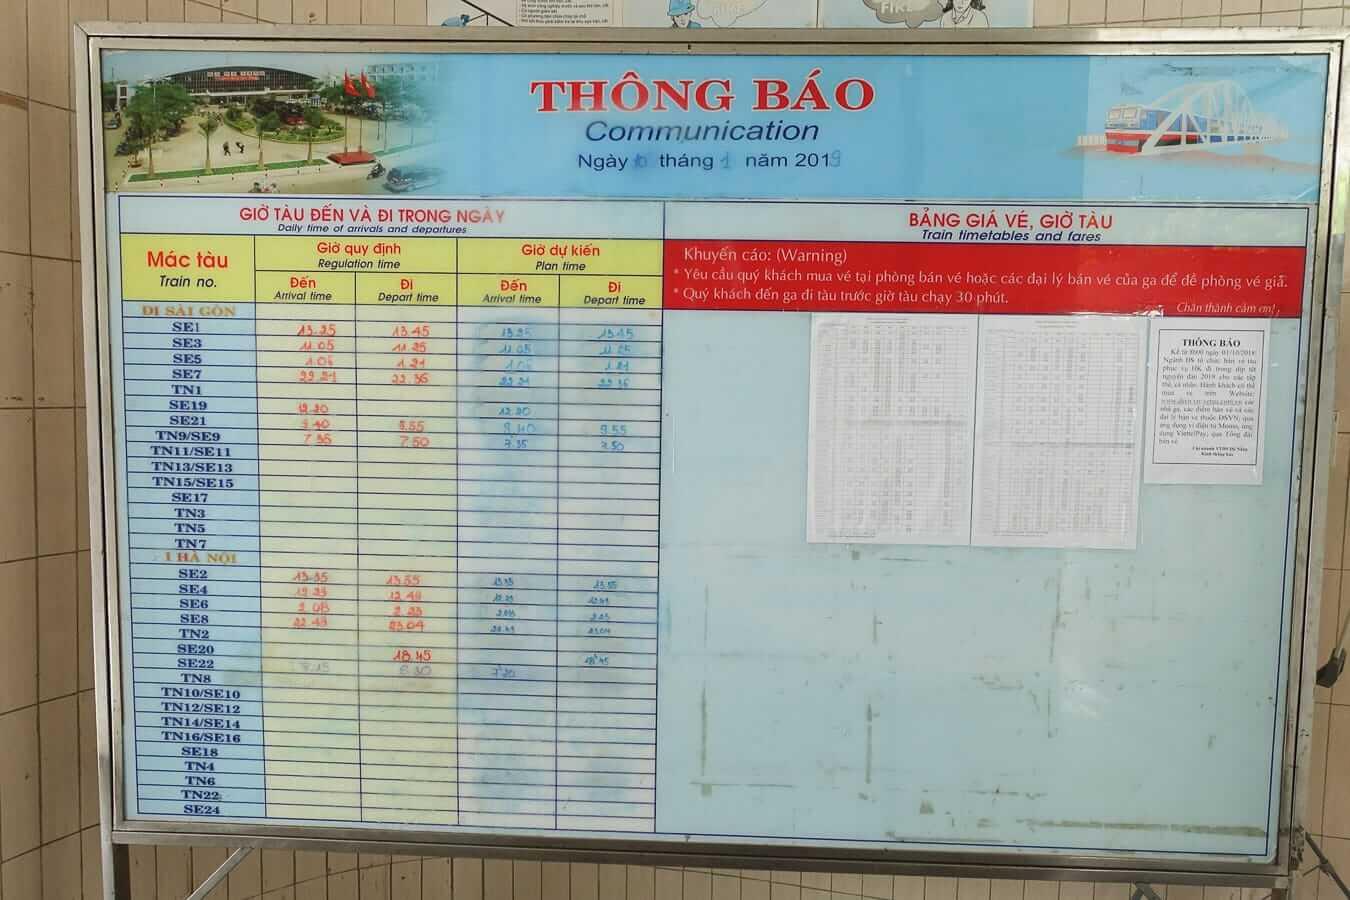 Da Nang Train Station schedule board